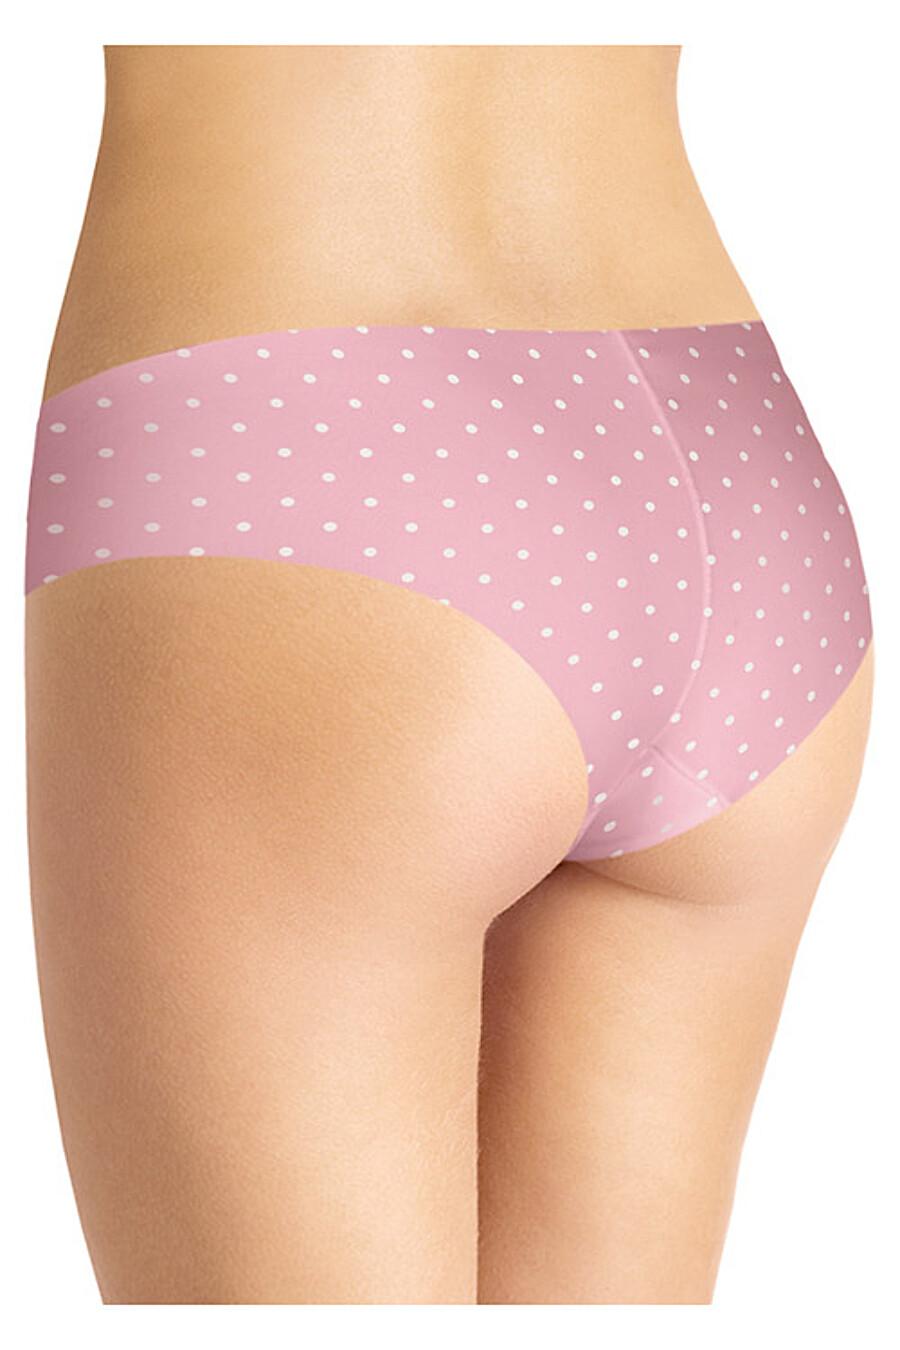 Трусы для женщин CLEVER 155132 купить оптом от производителя. Совместная покупка женской одежды в OptMoyo